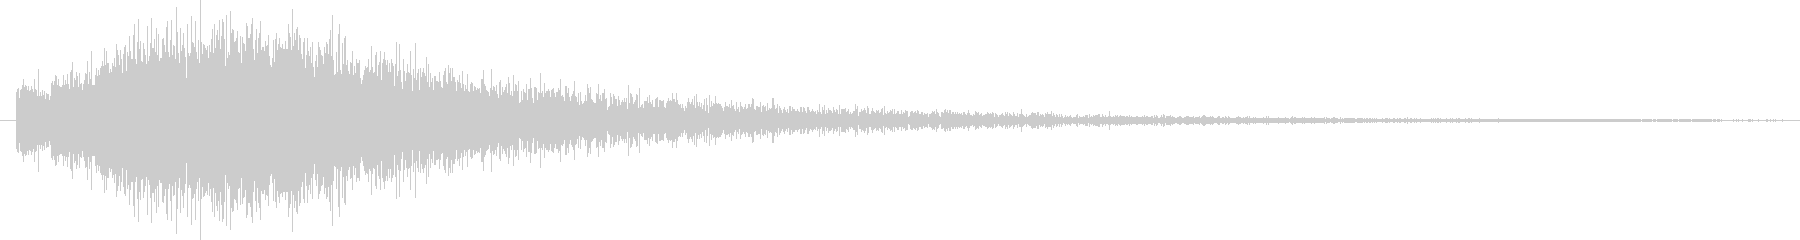 チュワォーン(ワープ系)の未再生の波形